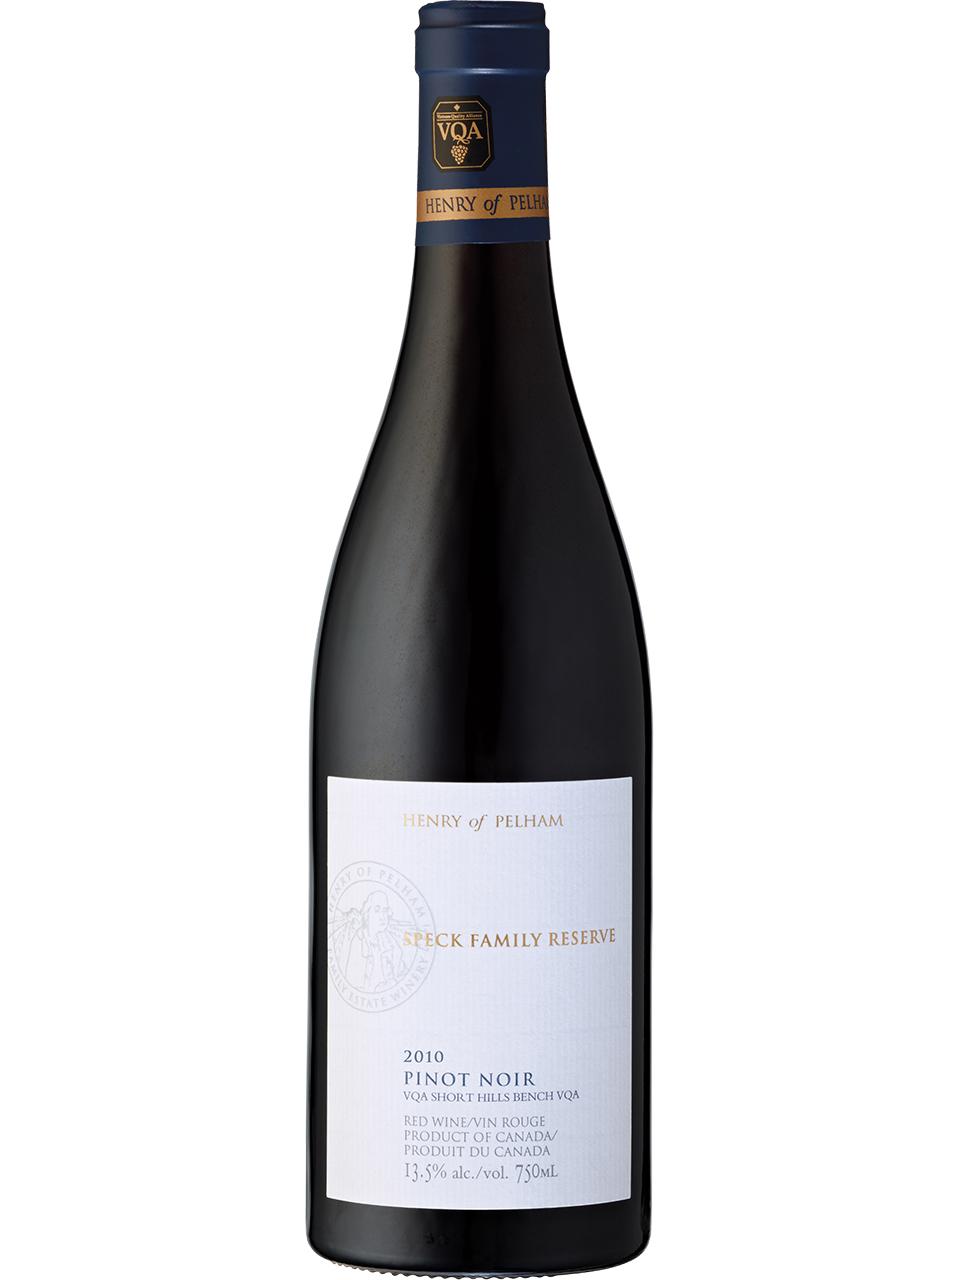 Henry of Pelham Speck Family Reserve Pinot Noir